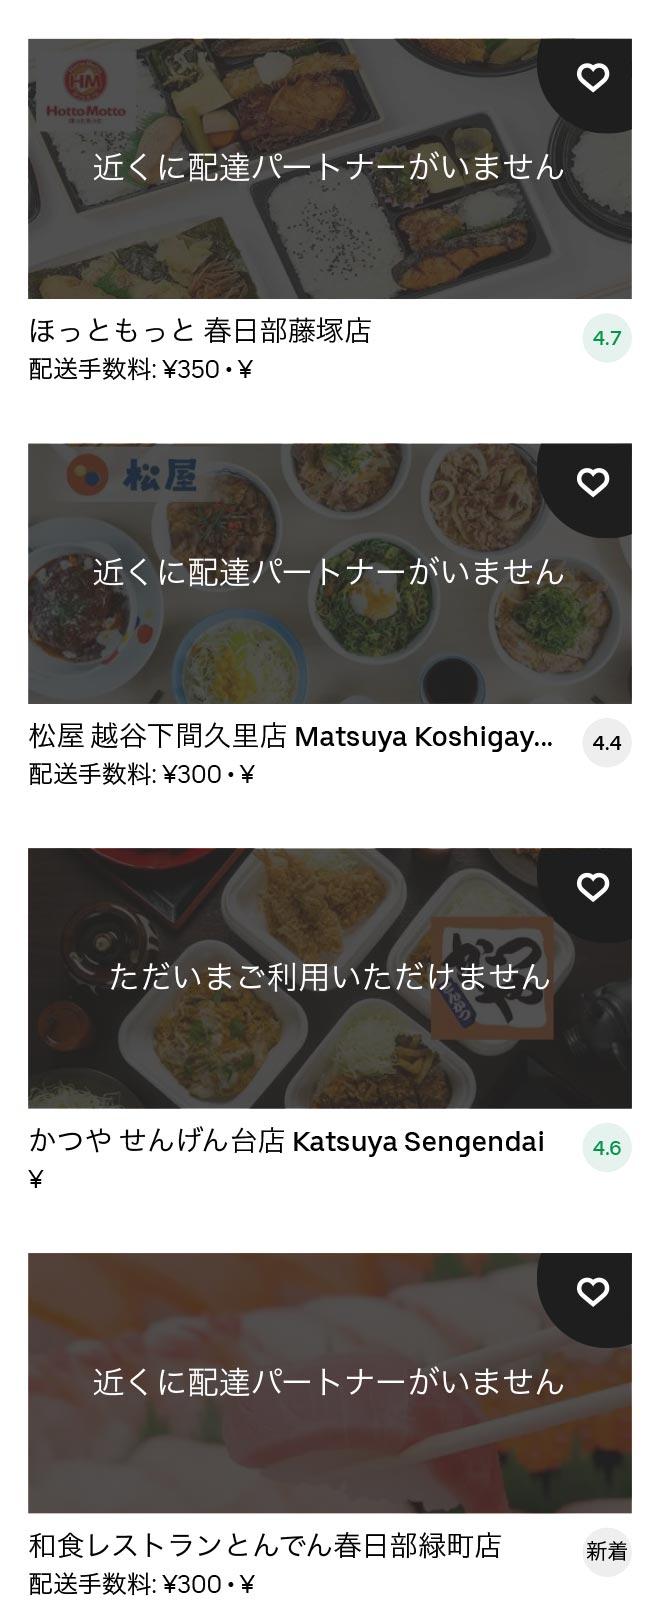 Takesato menu 2101 08